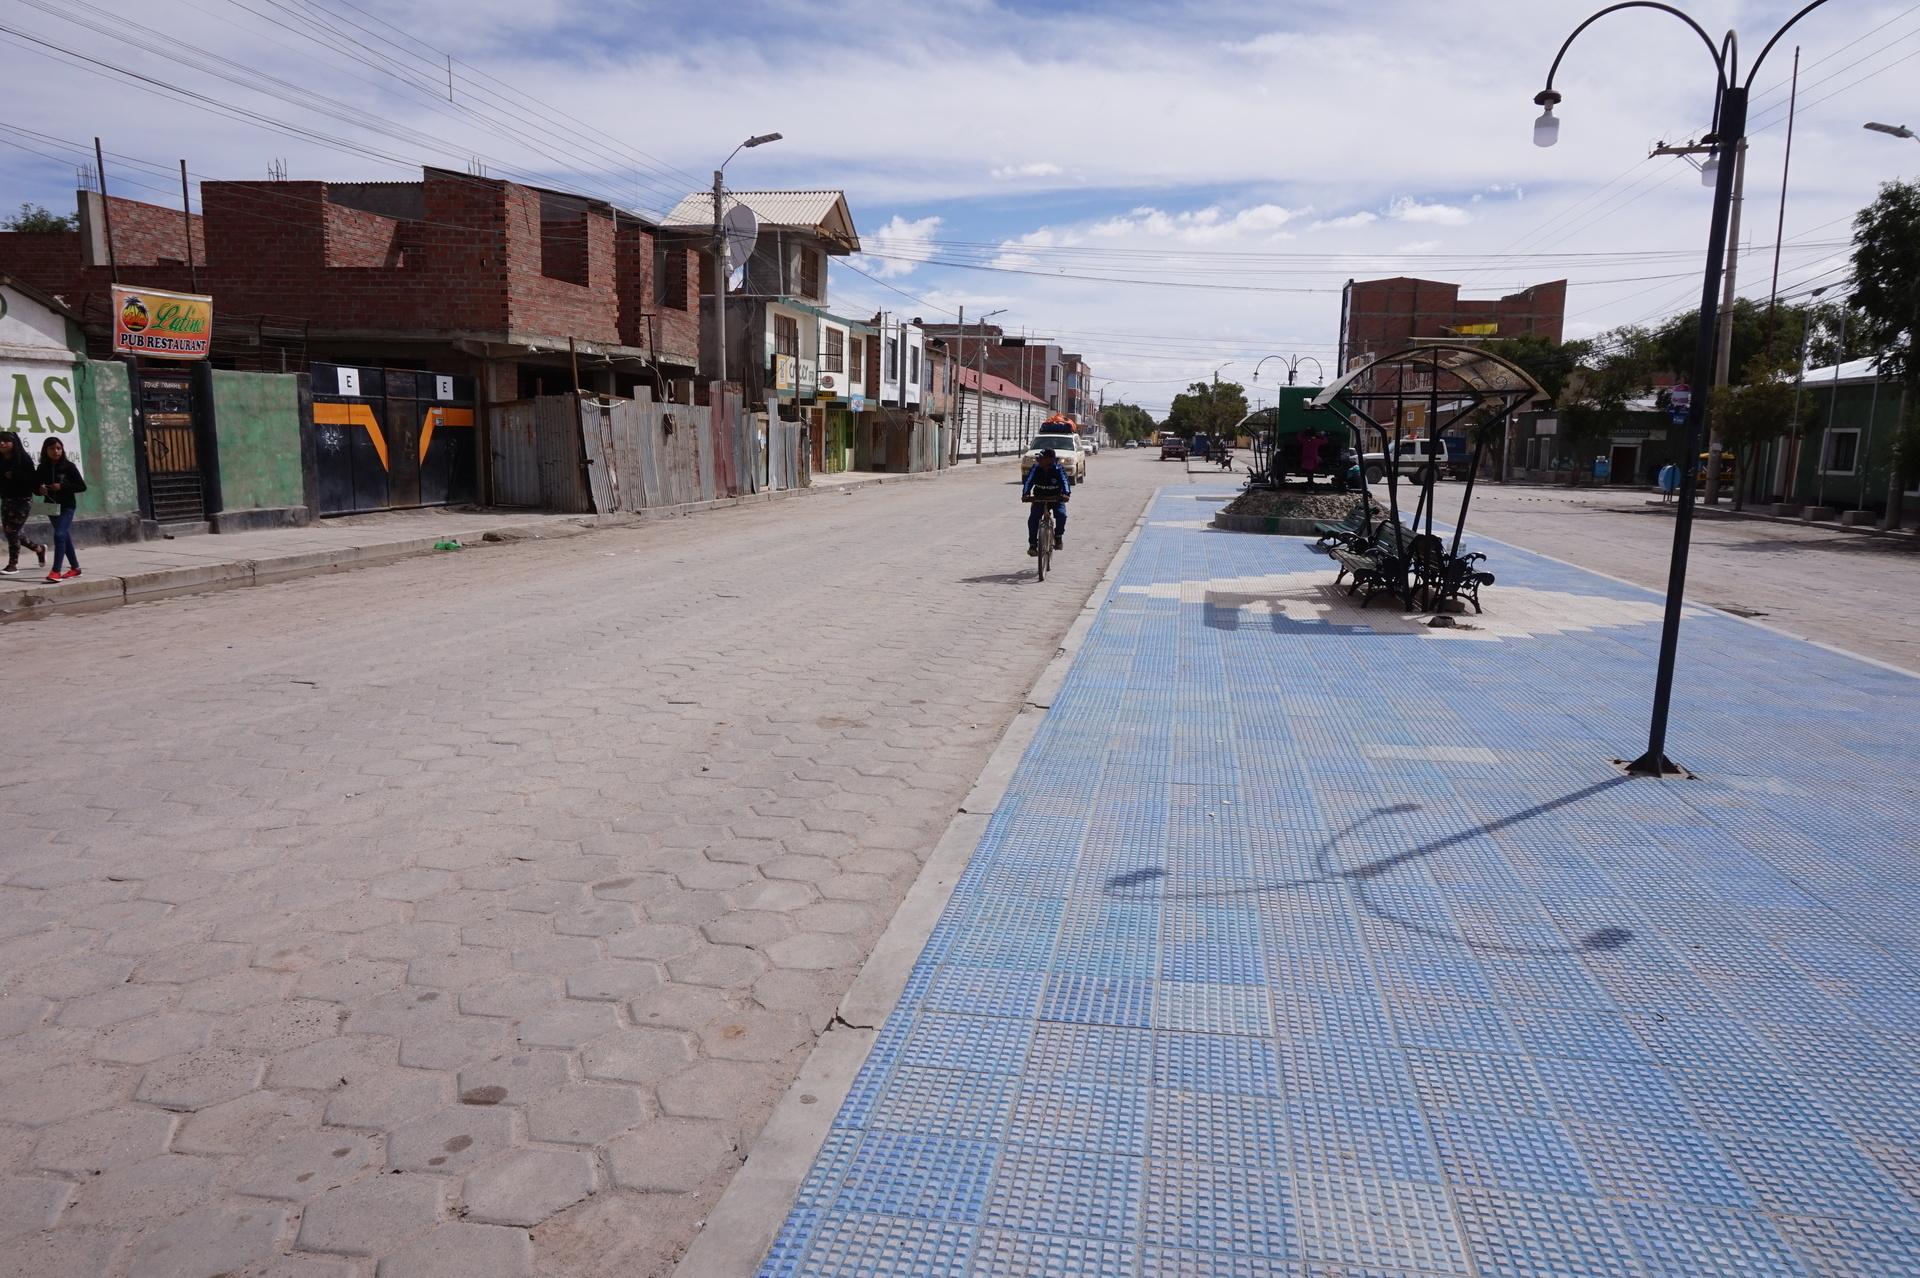 チリ ボリビア 旅行 ウユニ 街歩き 道路